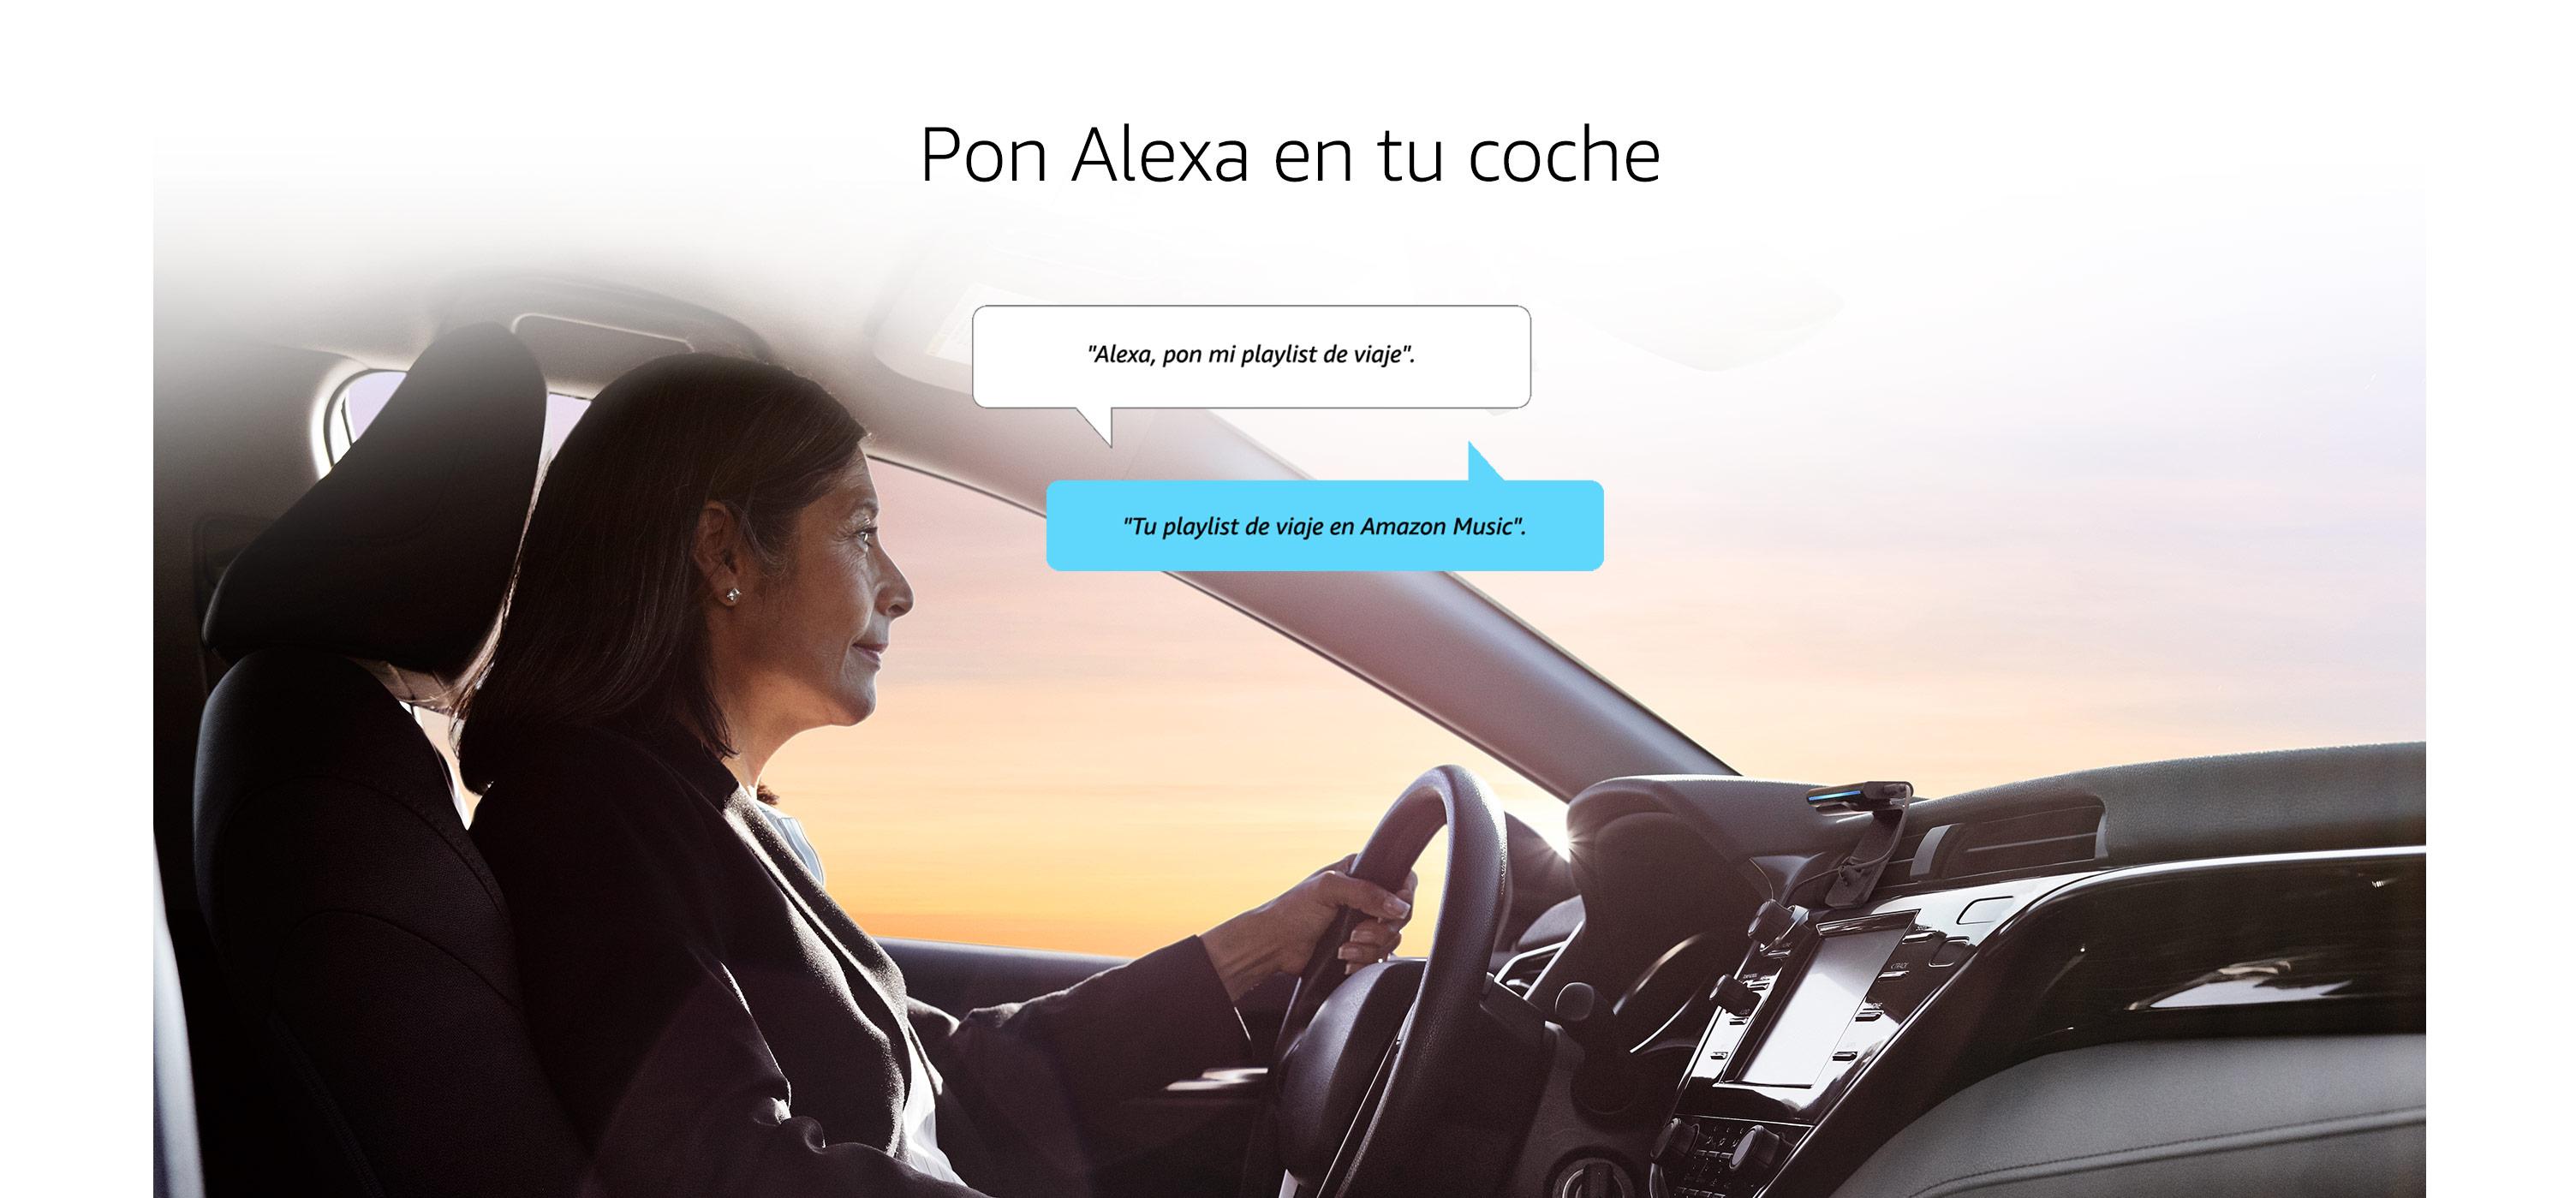 Pon Alexa en tu coche